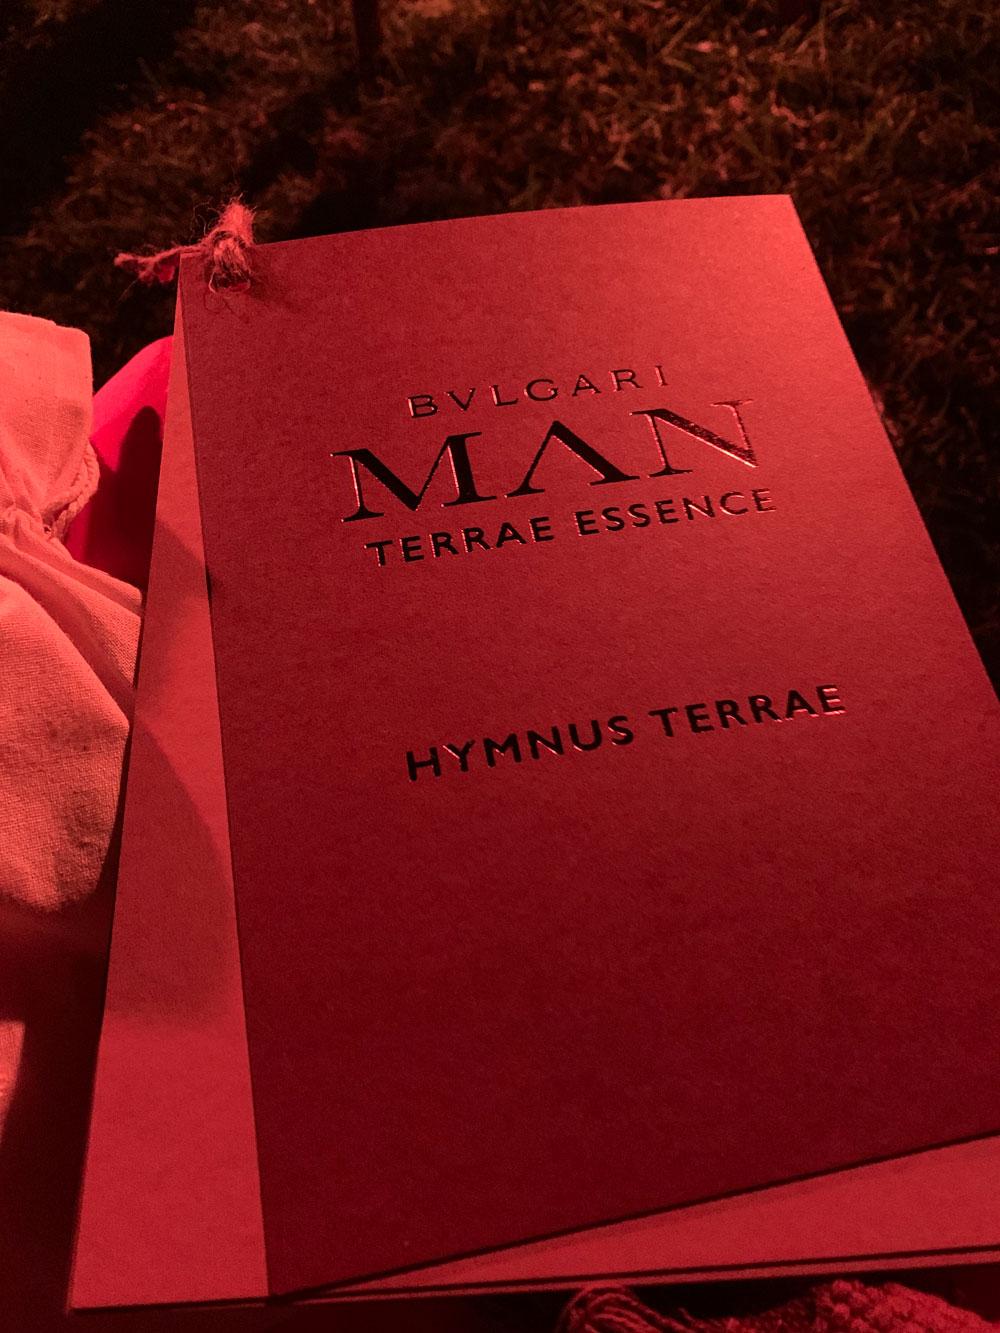 """Sonrisa war an der Lancierung von Bvlgari Man Terrae Essence in der Toskana und hat viele Bilder mit """"La vita é bella""""-Vibes mitgebracht."""